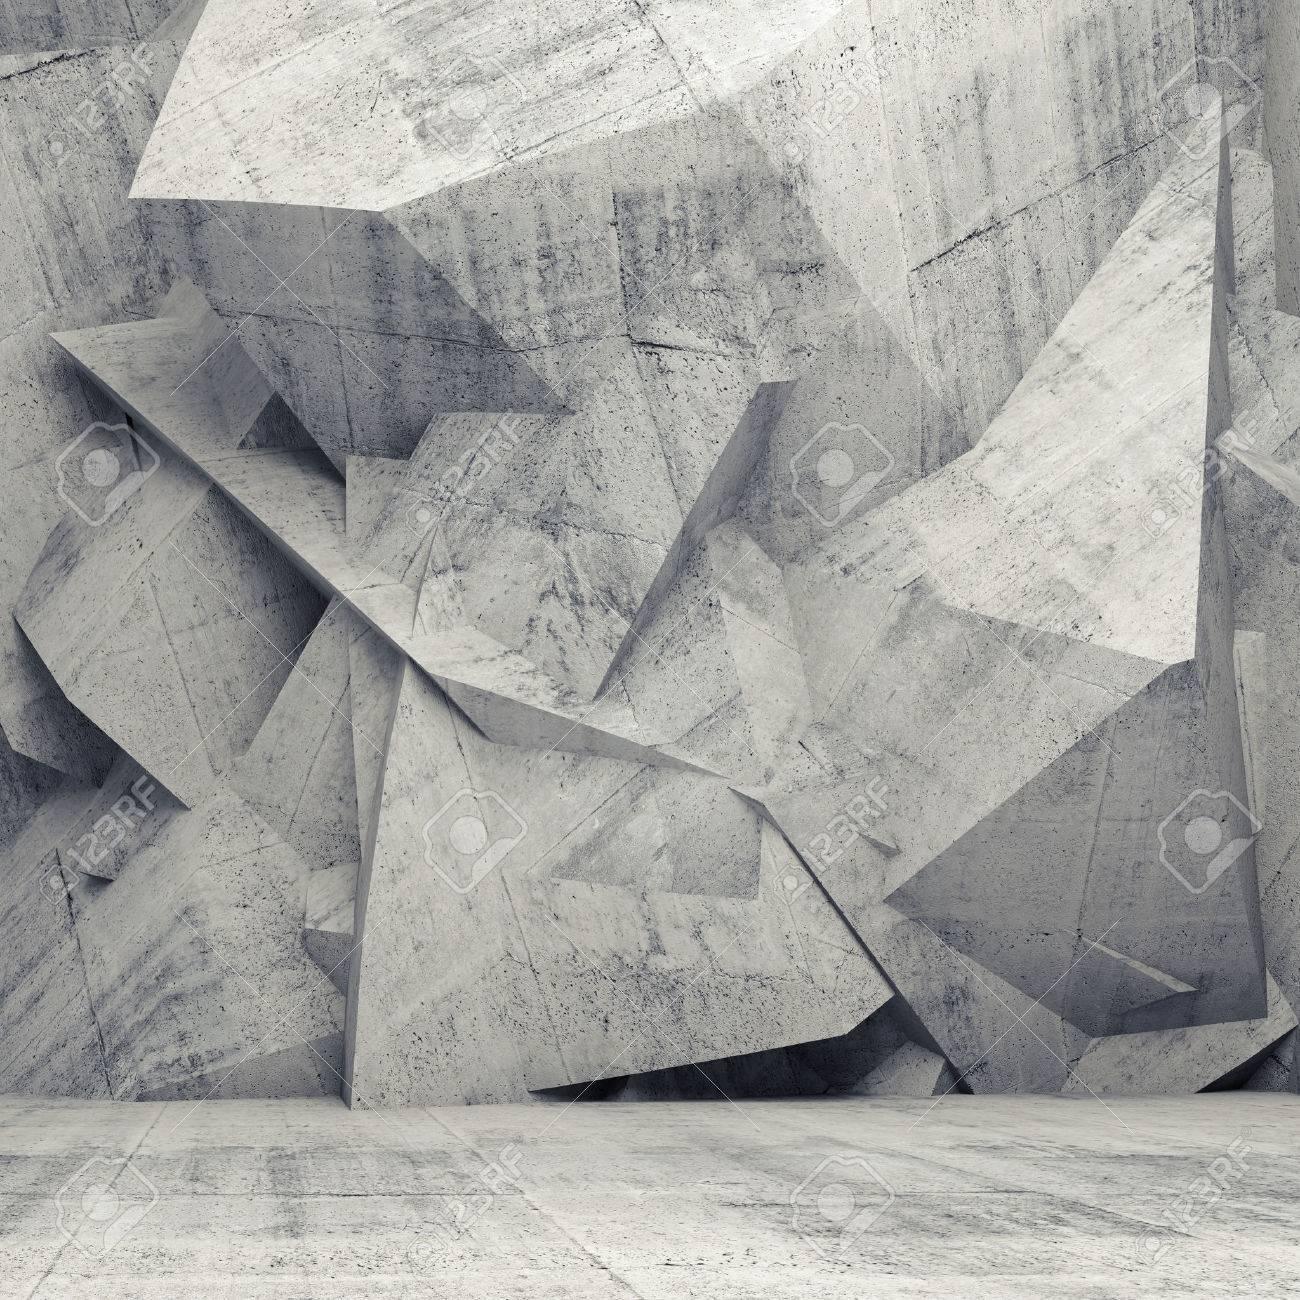 hormign hormign interior d abstracto con diseo en relieve poligonal catica en la pared